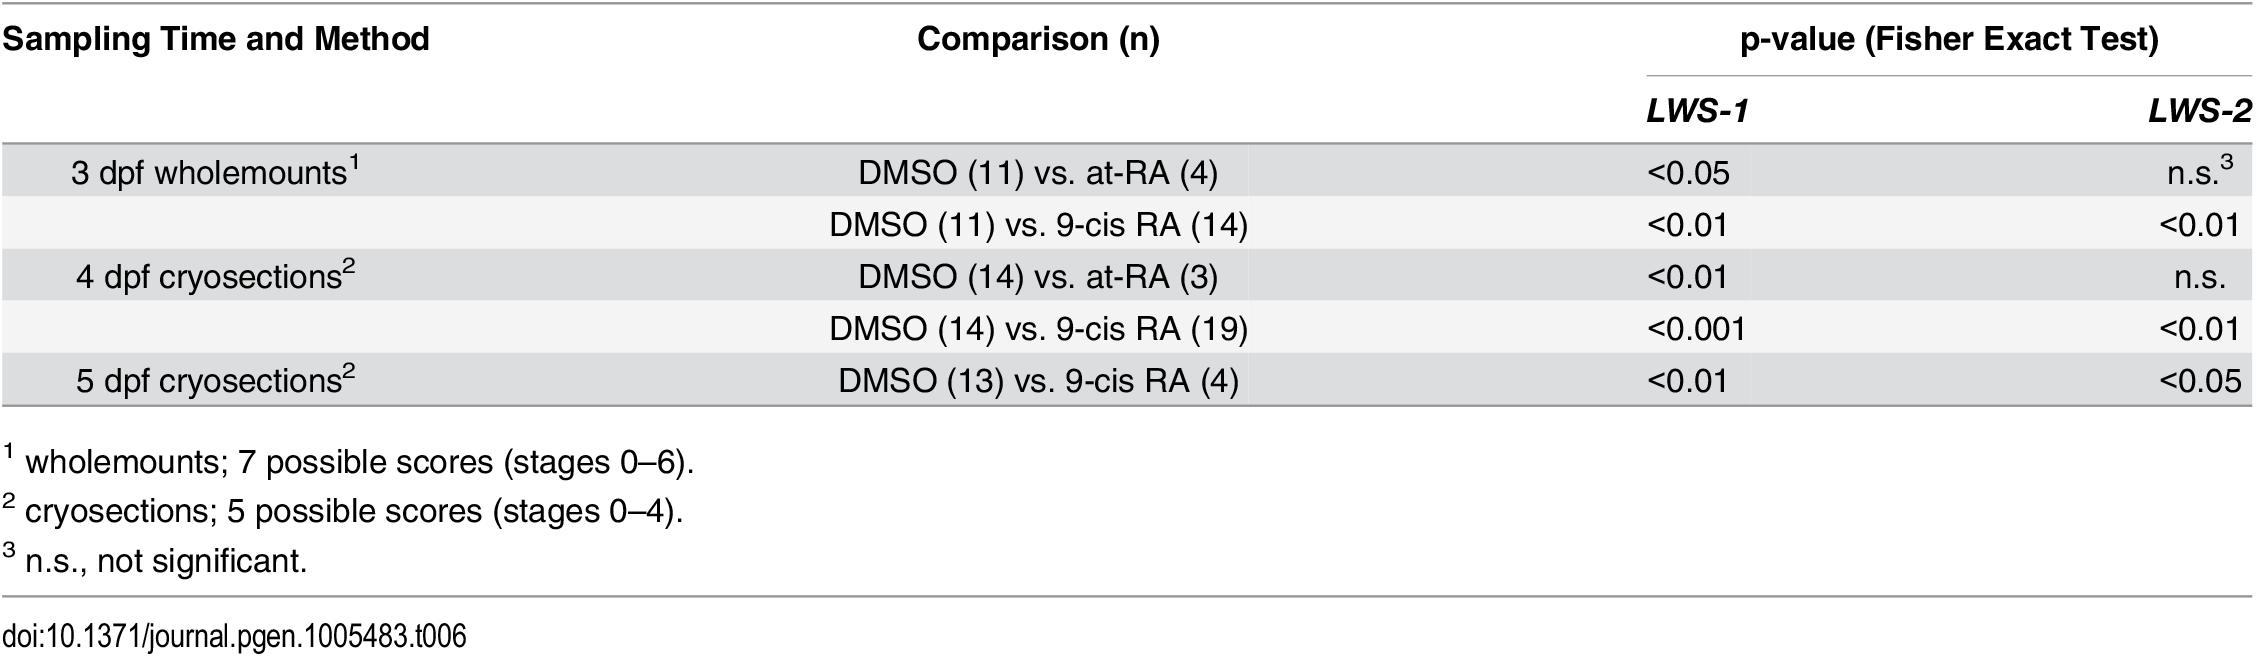 Statistical evaluation of <i>LWS</i> opsin mRNA expression scoring.